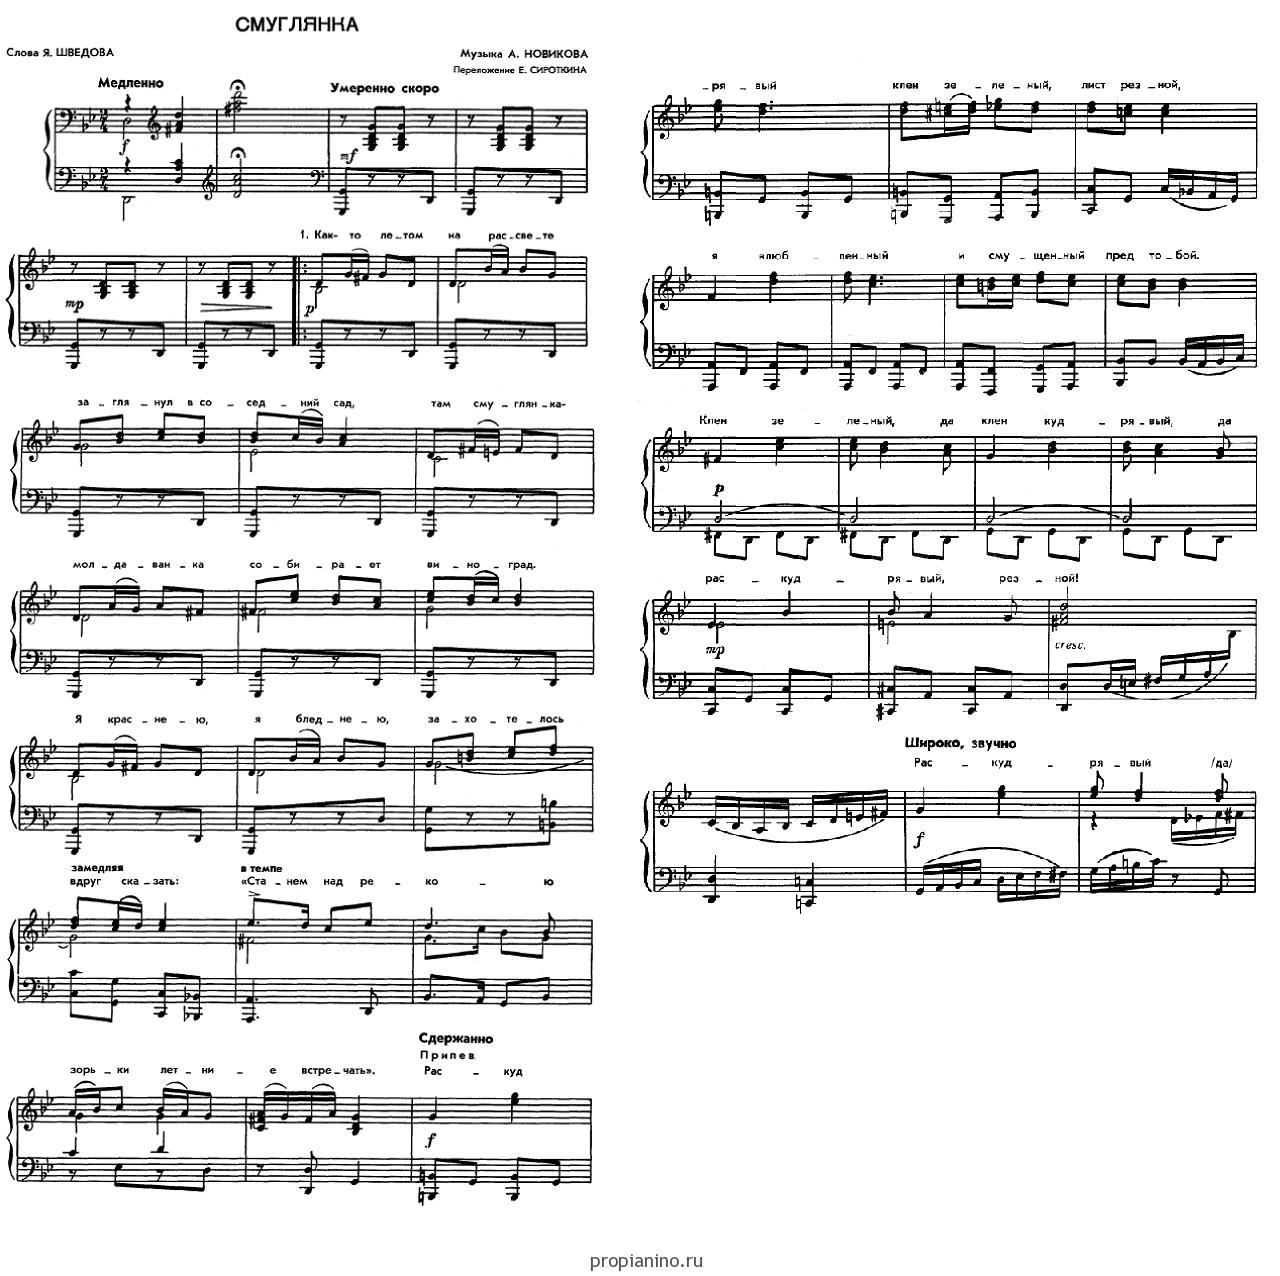 НОТЫ ПЕСНИ СМУГЛЯНКА ДЛЯ ФОРТЕПИАНО СКАЧАТЬ БЕСПЛАТНО